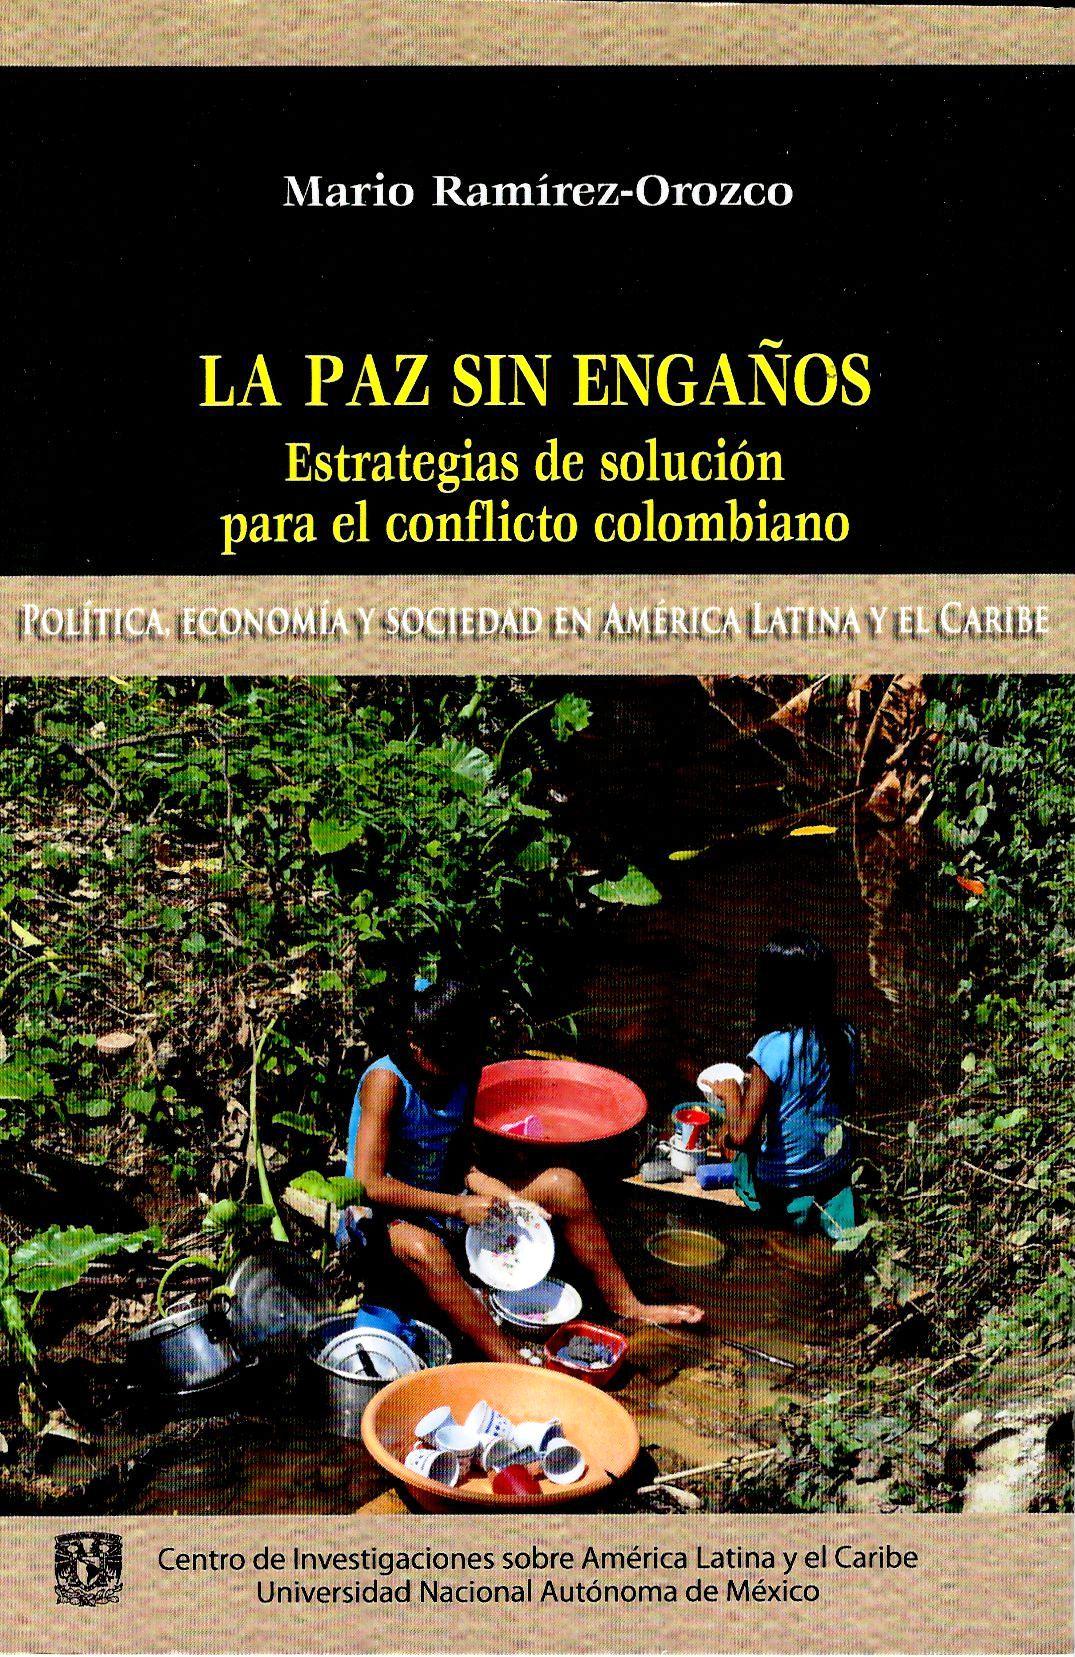 La paz sin engaños. Estrategias de solución para el conflicto colombiano